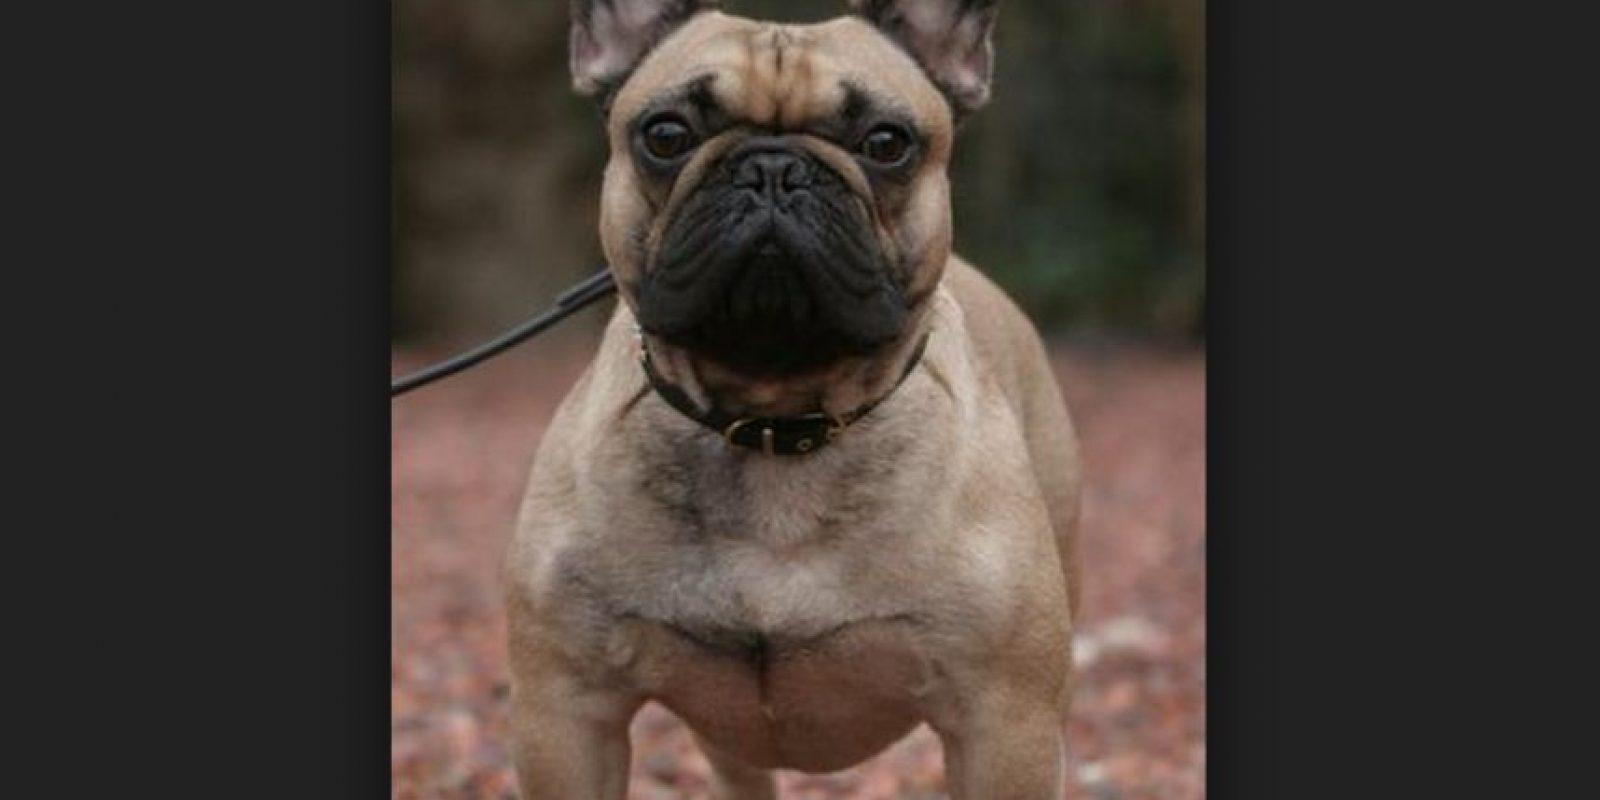 El bulldog francés es una raza originaria de Inglaterra y establecida como tal a finales del siglo XIX. Fueron criados, por primera vez, por encajeras en Inglaterra y, luego, en Francia. Foto:Wikicommons